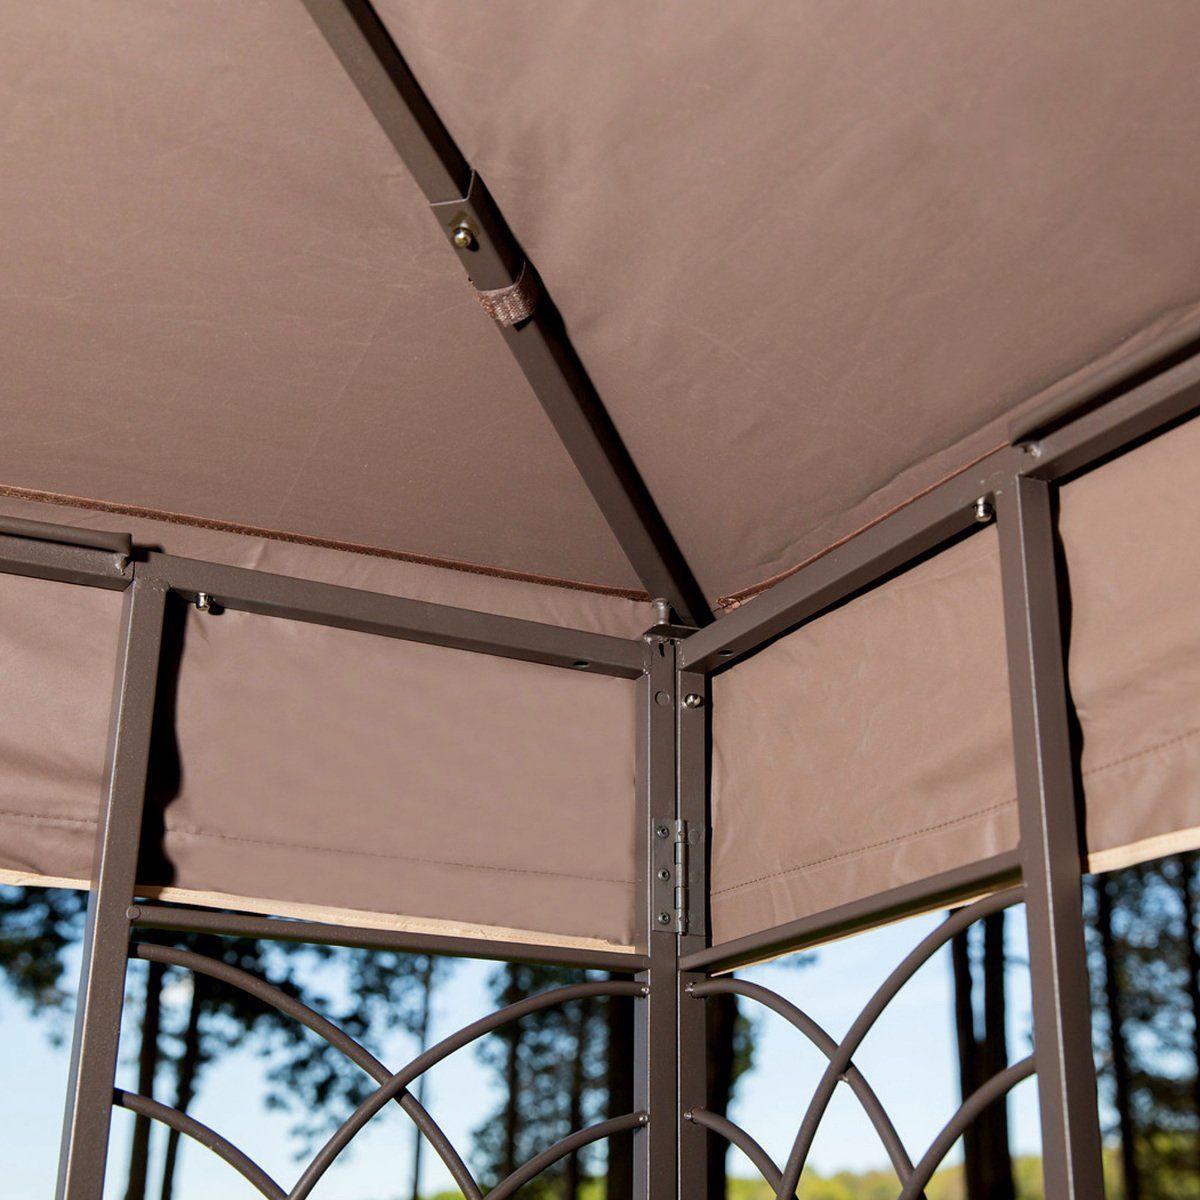 10 X 12 Regency Ii Patio Gazebo With Mosquito Netting Sunjoy Https Www Amazon Com Dp B00k6pd3bw Ref Cm Sw R Pi Dp X 8vbsybj5 Gazebo Patio Gazebo Patio Canopy